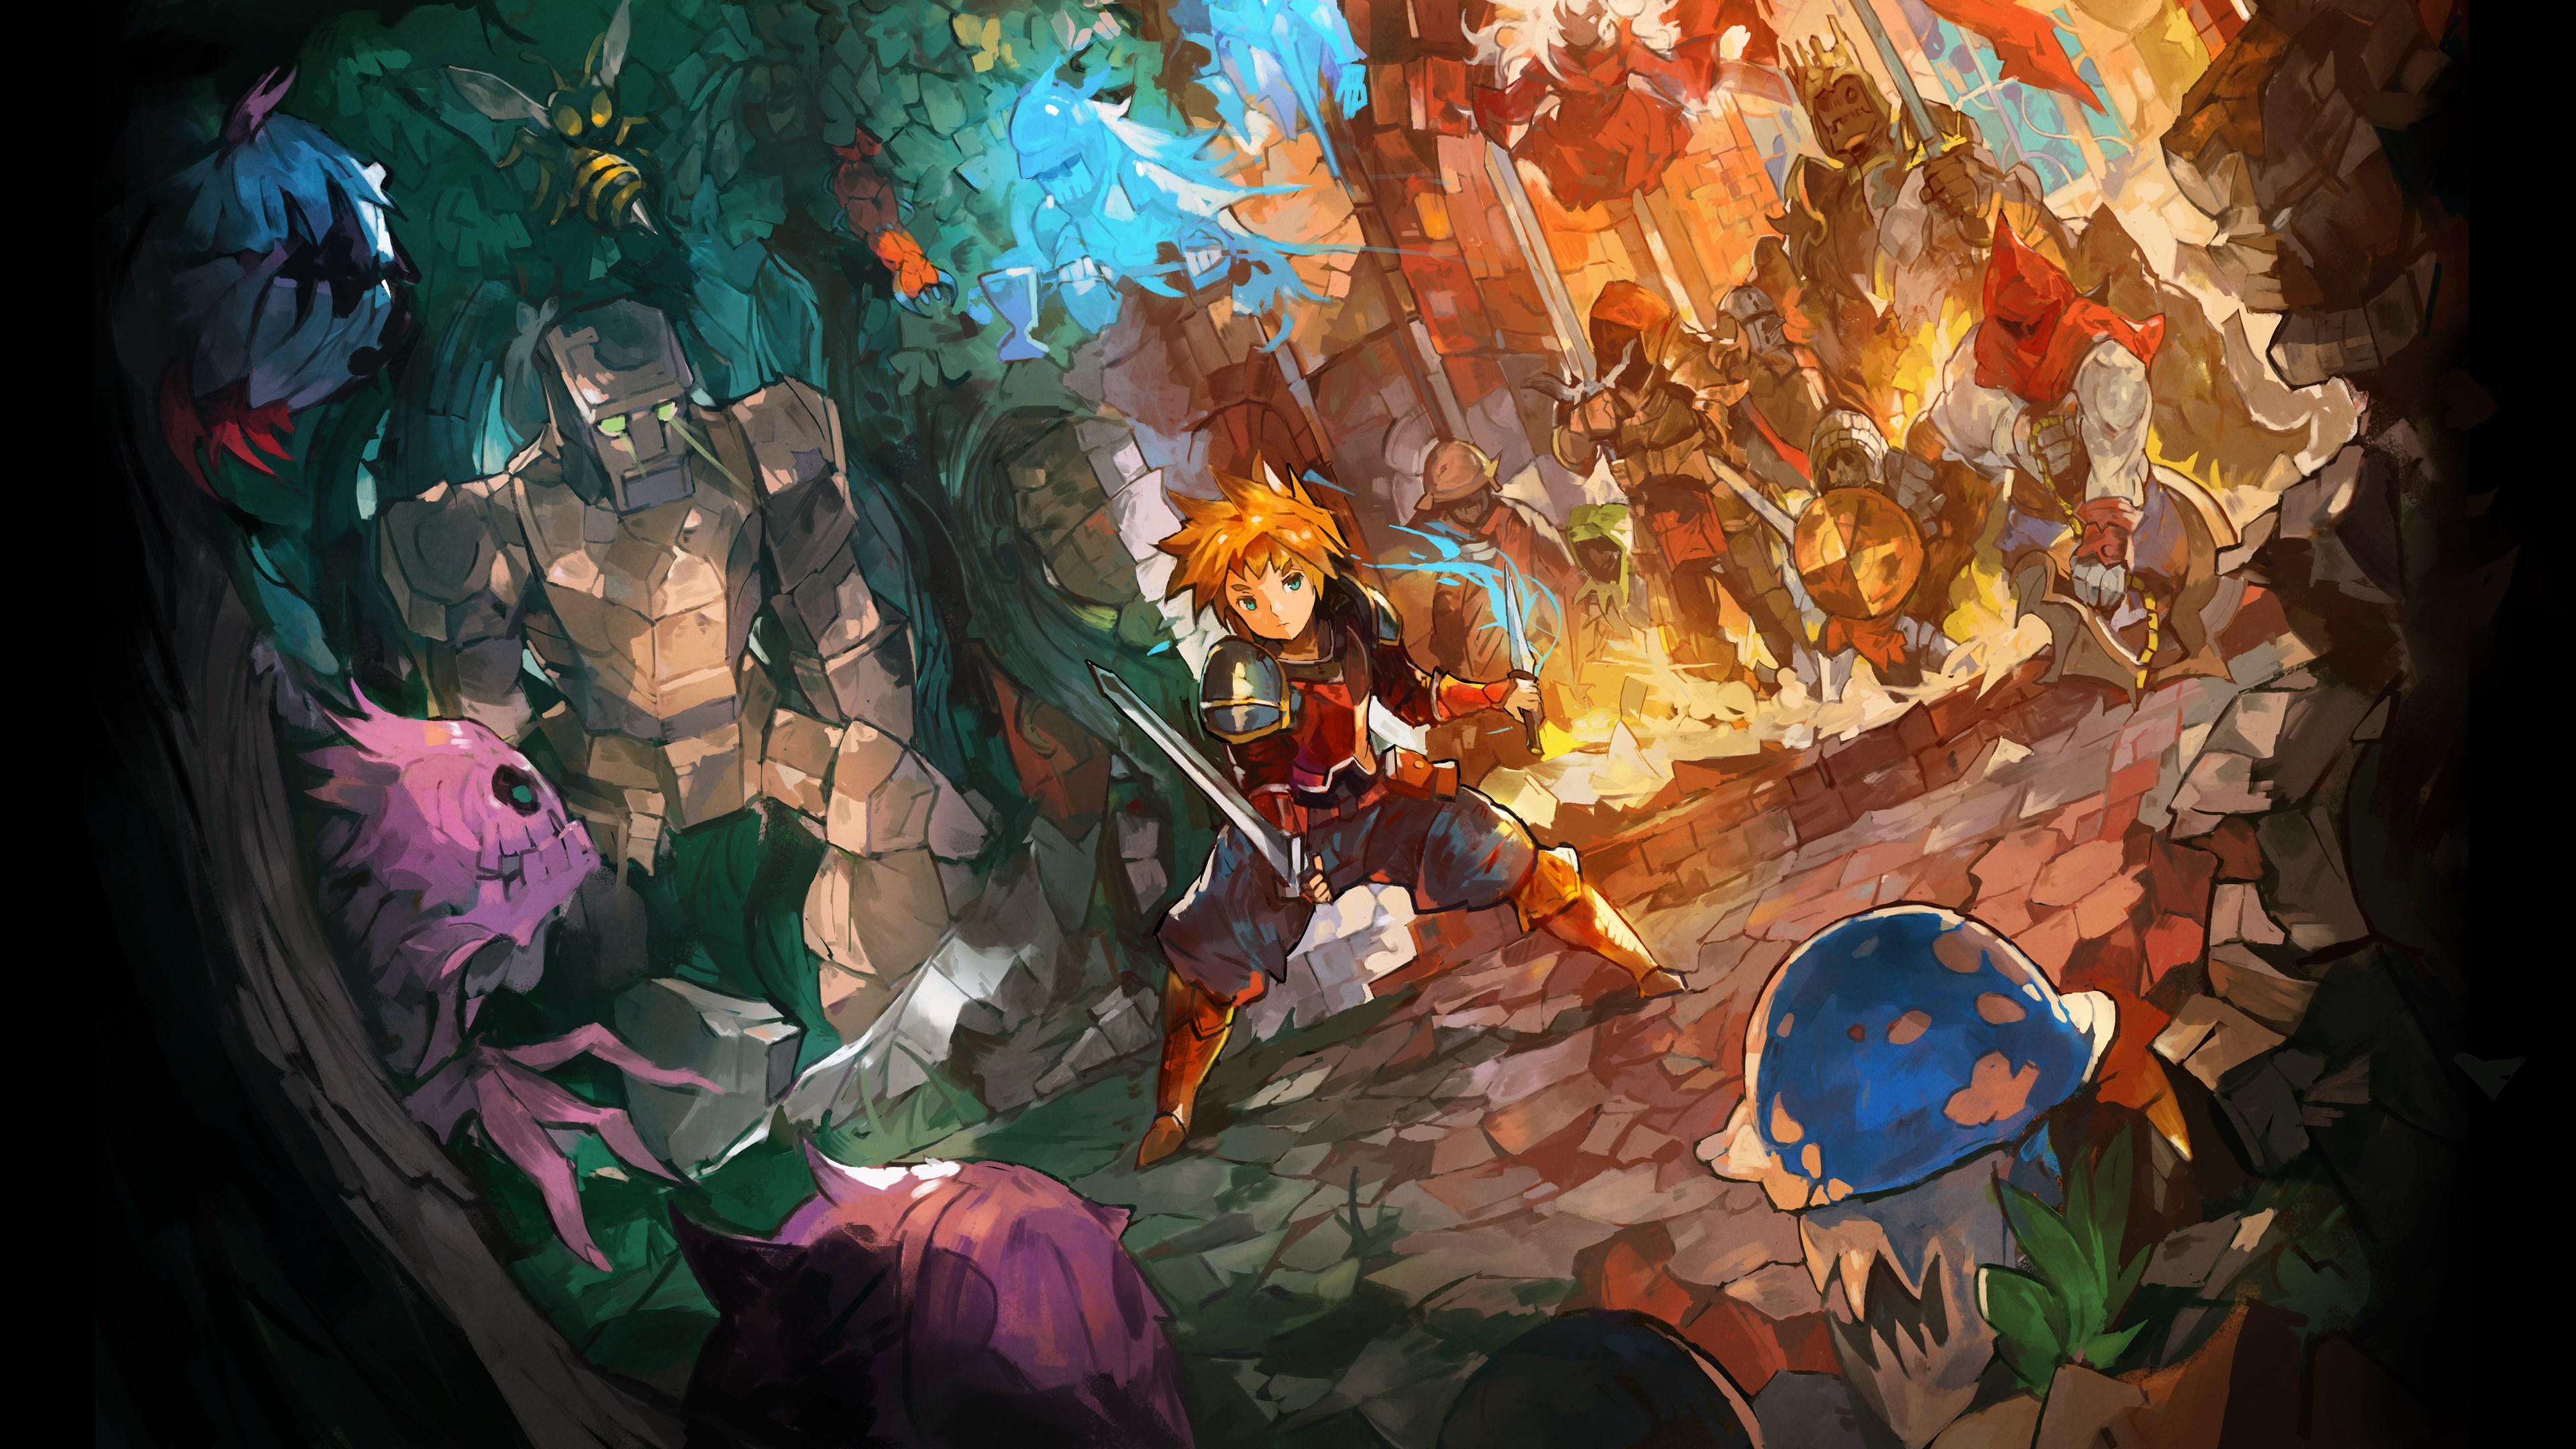 莫塔之子图片 游戏壁纸 游戏壁纸-第4张